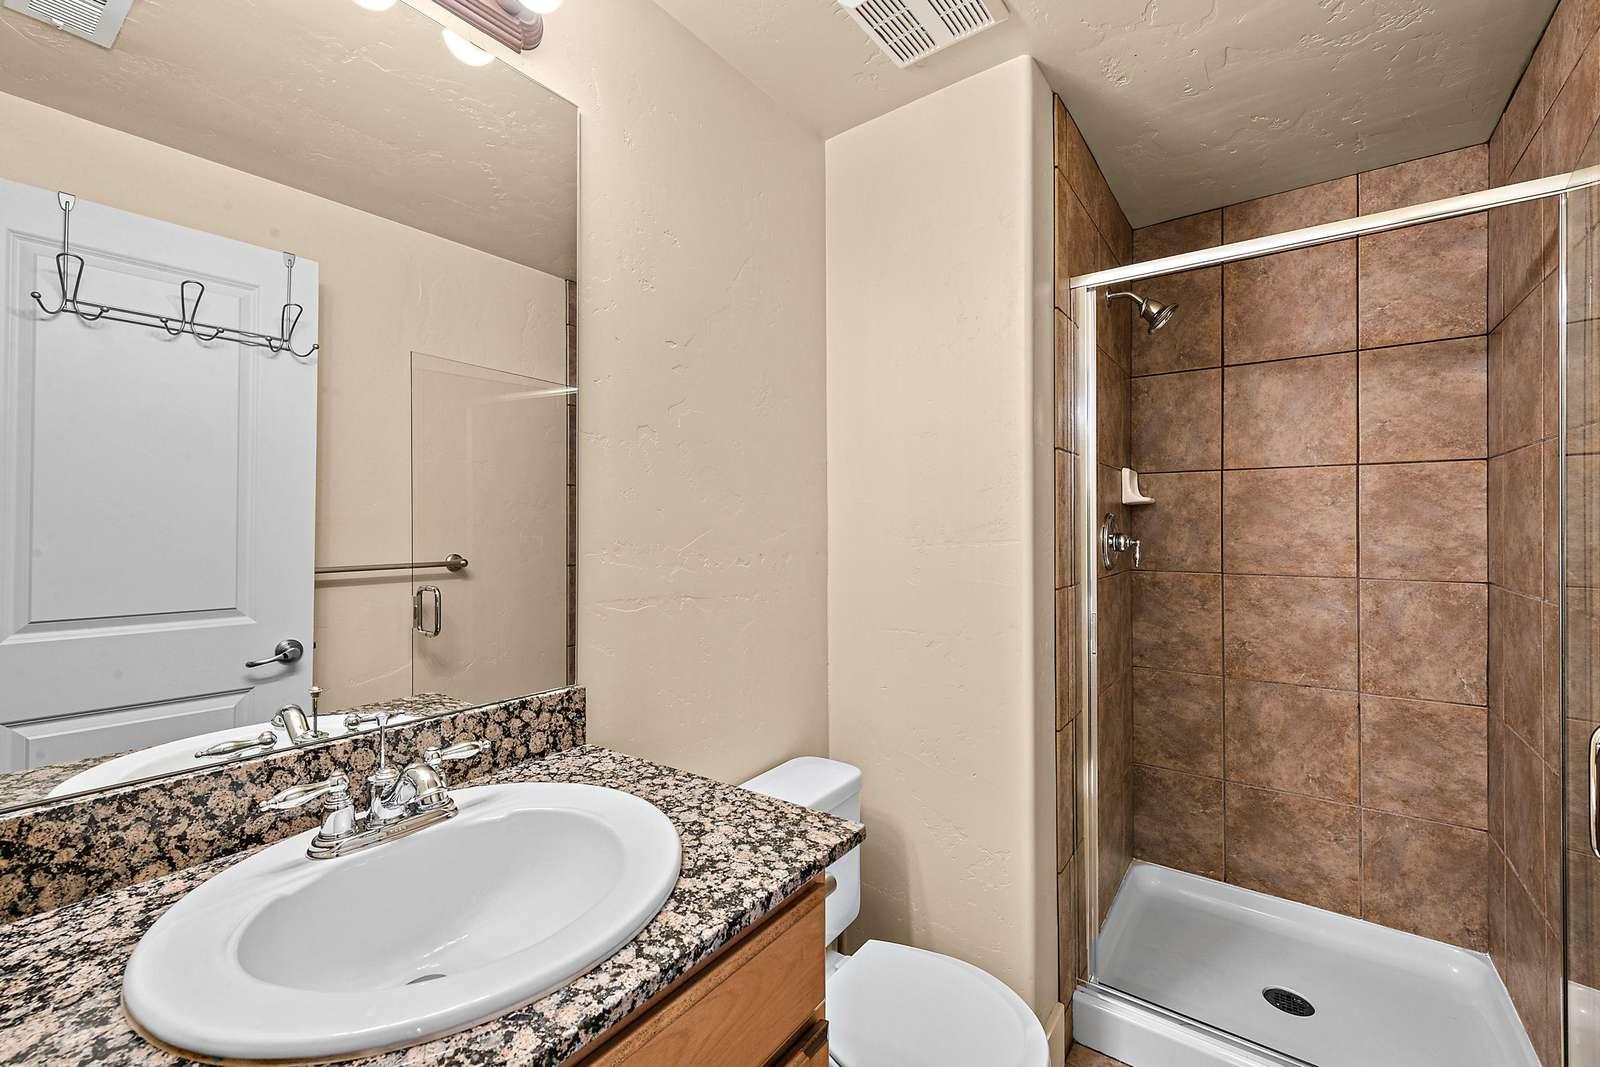 Bottom floor bathroom